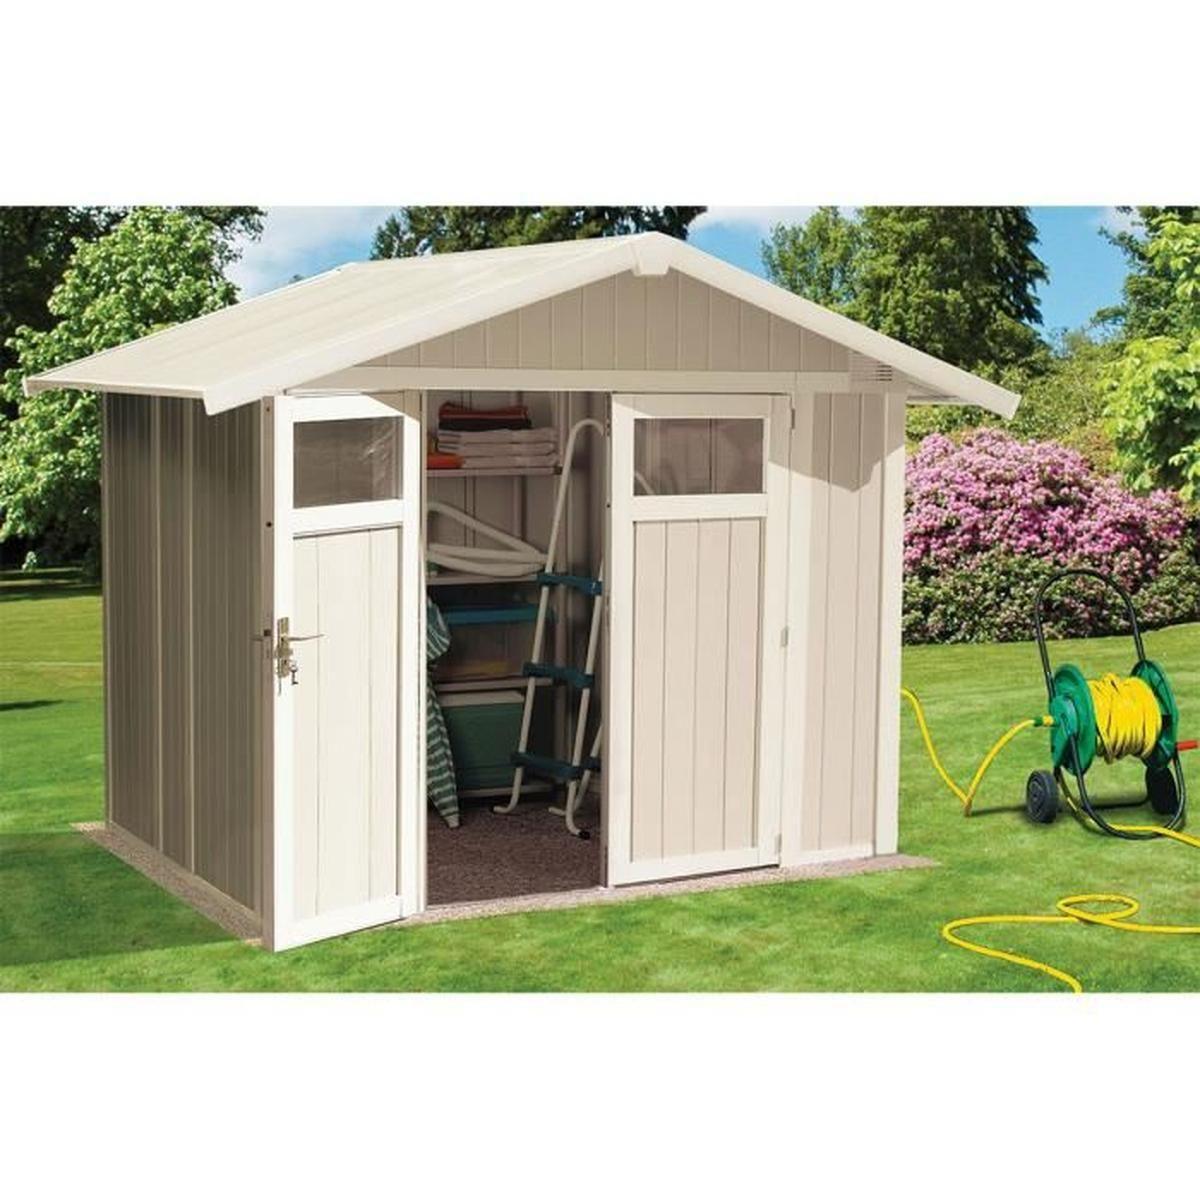 Abri De Jardin Utility 4,9 Blanc/gris Vert - 4.9 M² + Kit D ... tout Abri De Jardin C Discount